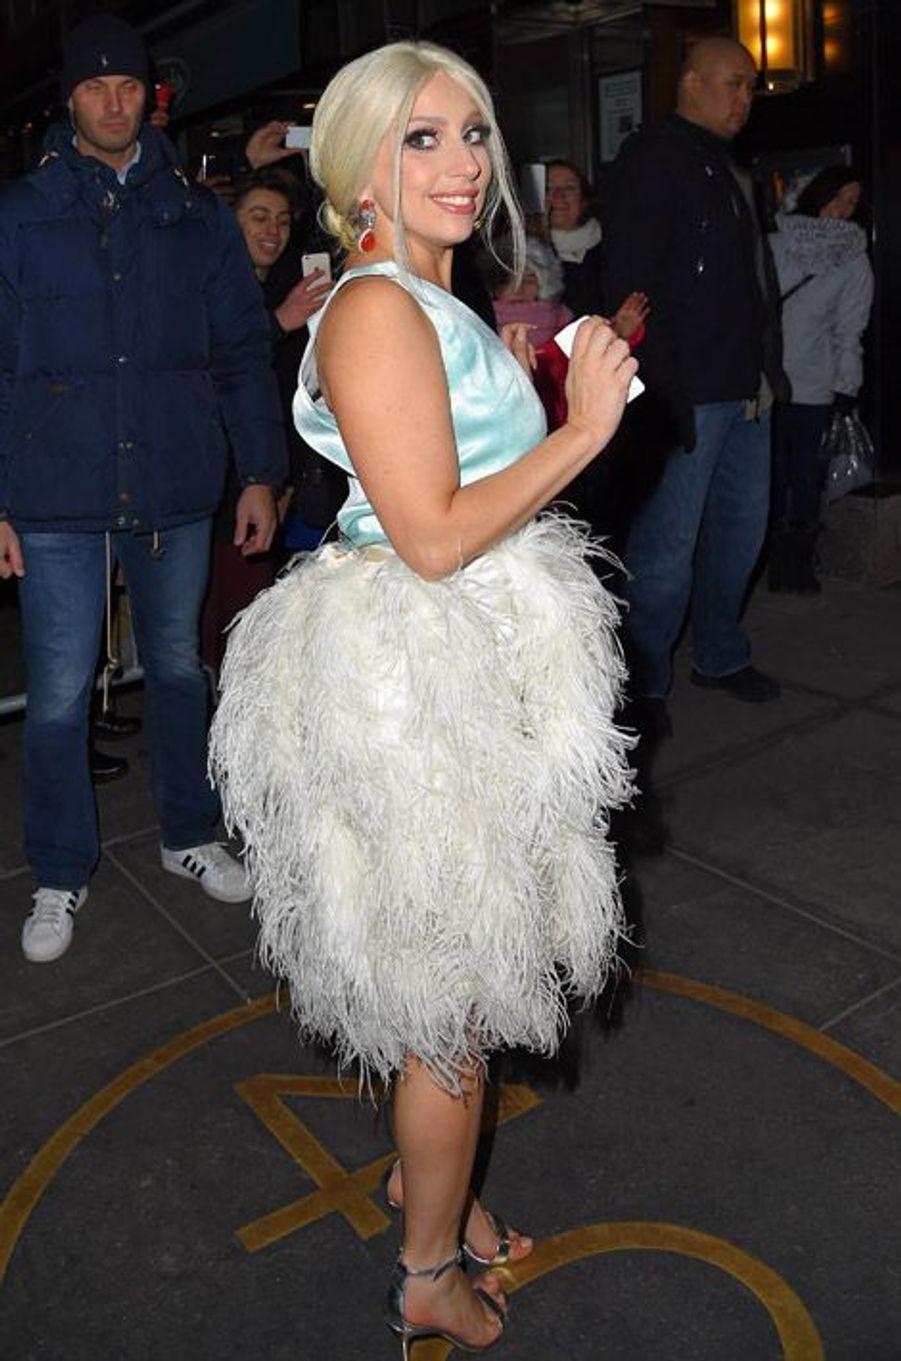 La chanteuse Lady Gaga à New York, le 27 février 2015